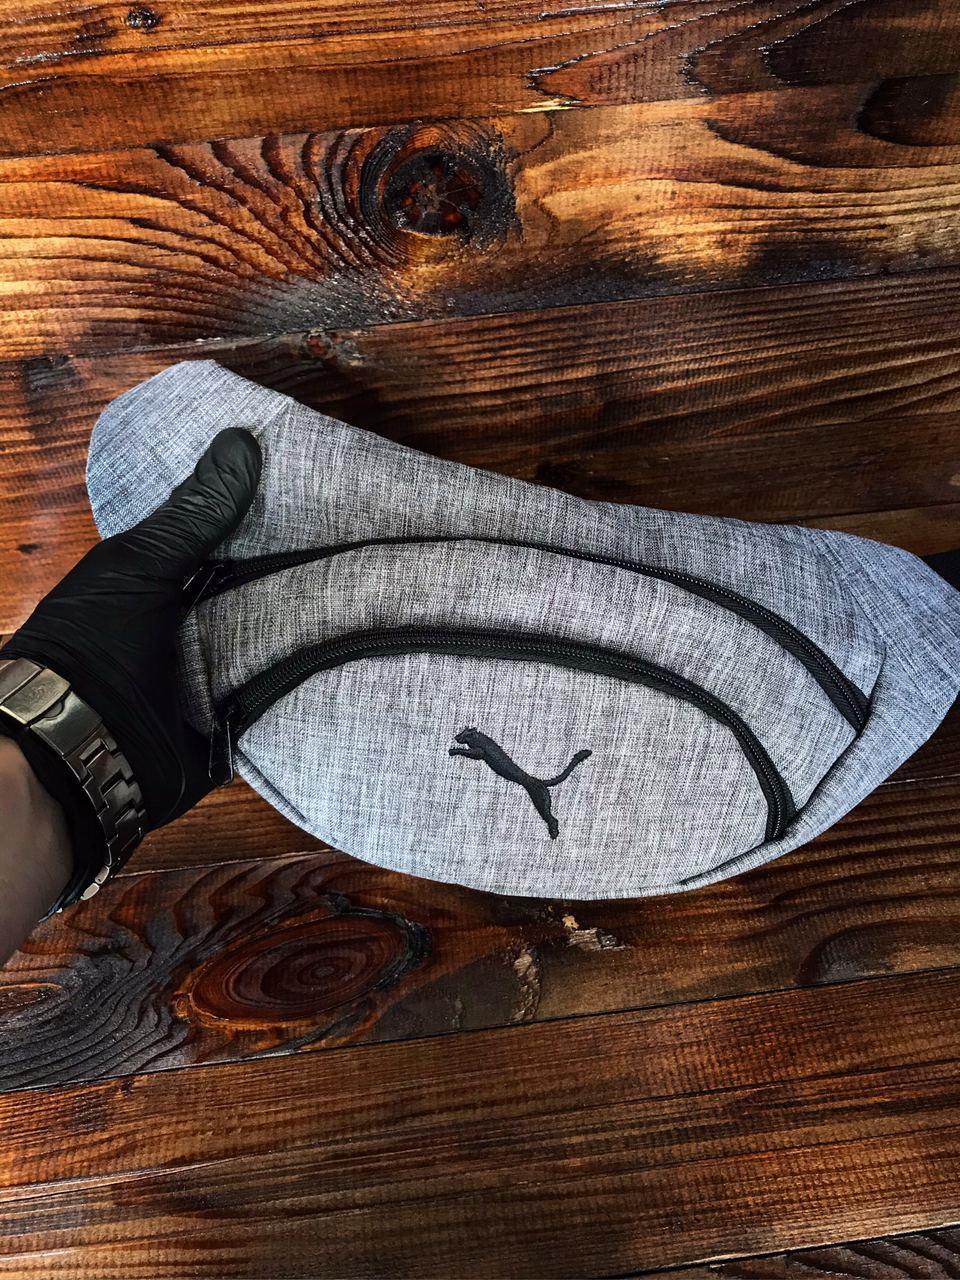 Поясная сумка Серая Бананка Puma Логотип черный Мужская Женская